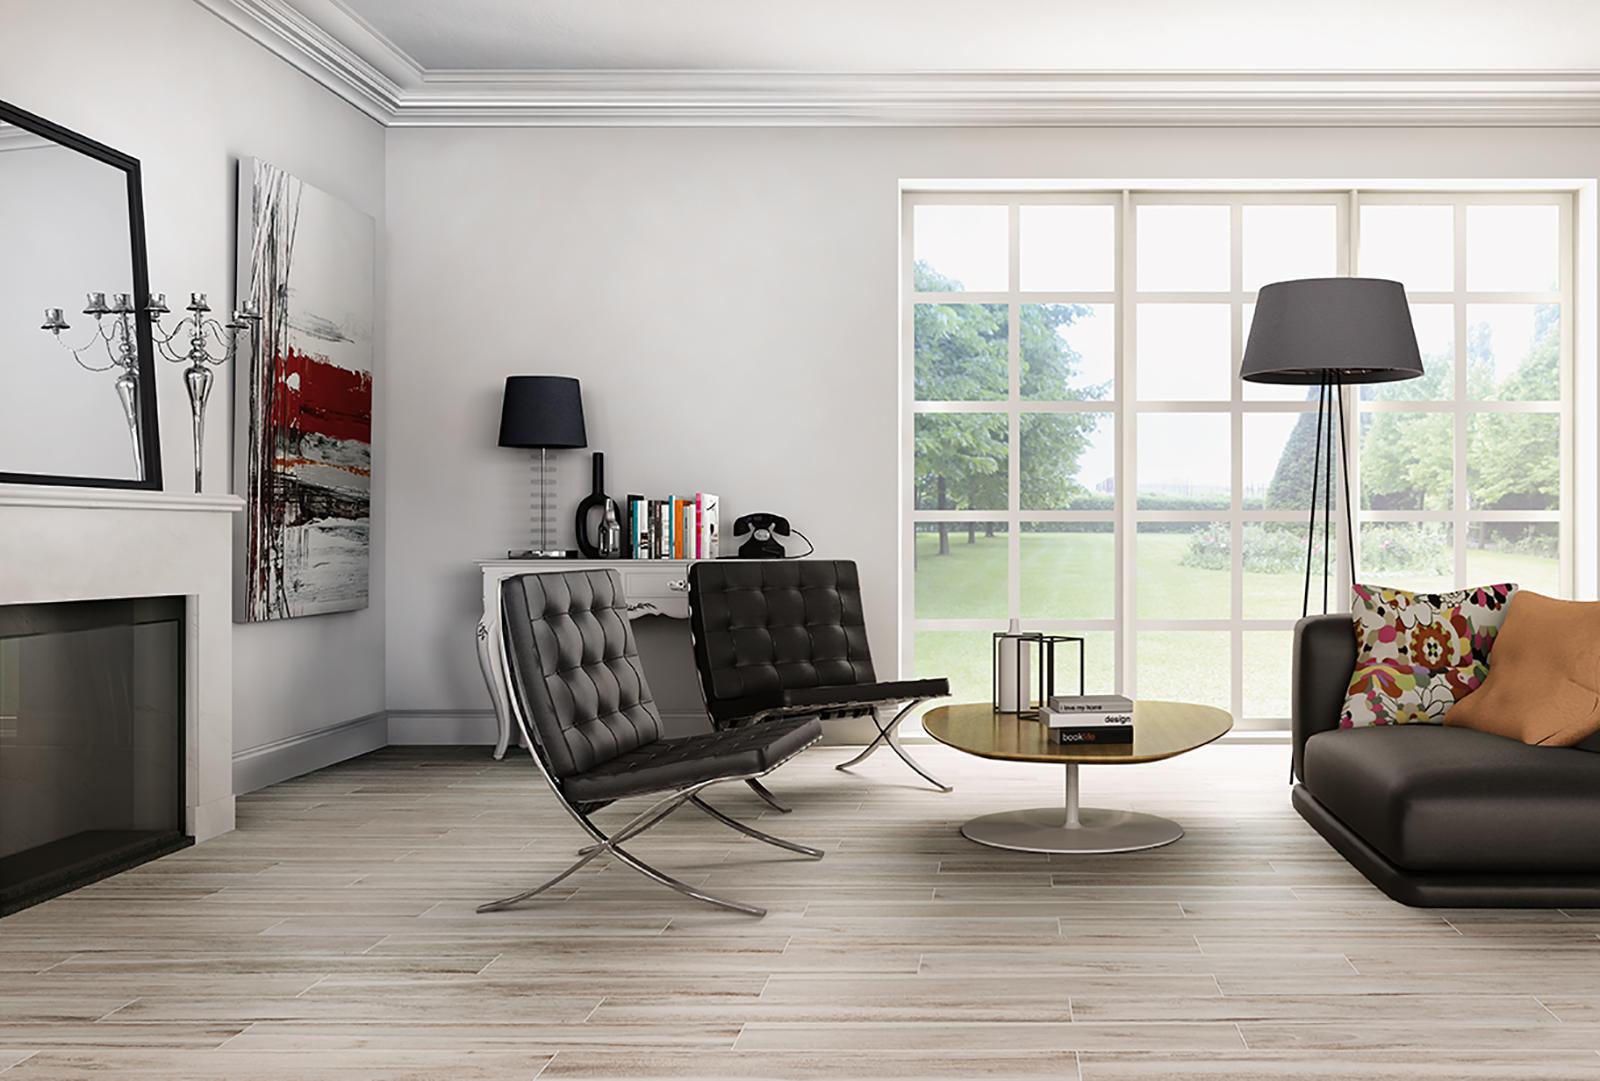 Serie axis pavimenti e rivestimenti armonie ceramiche - Bagno piastrelle marroni ...